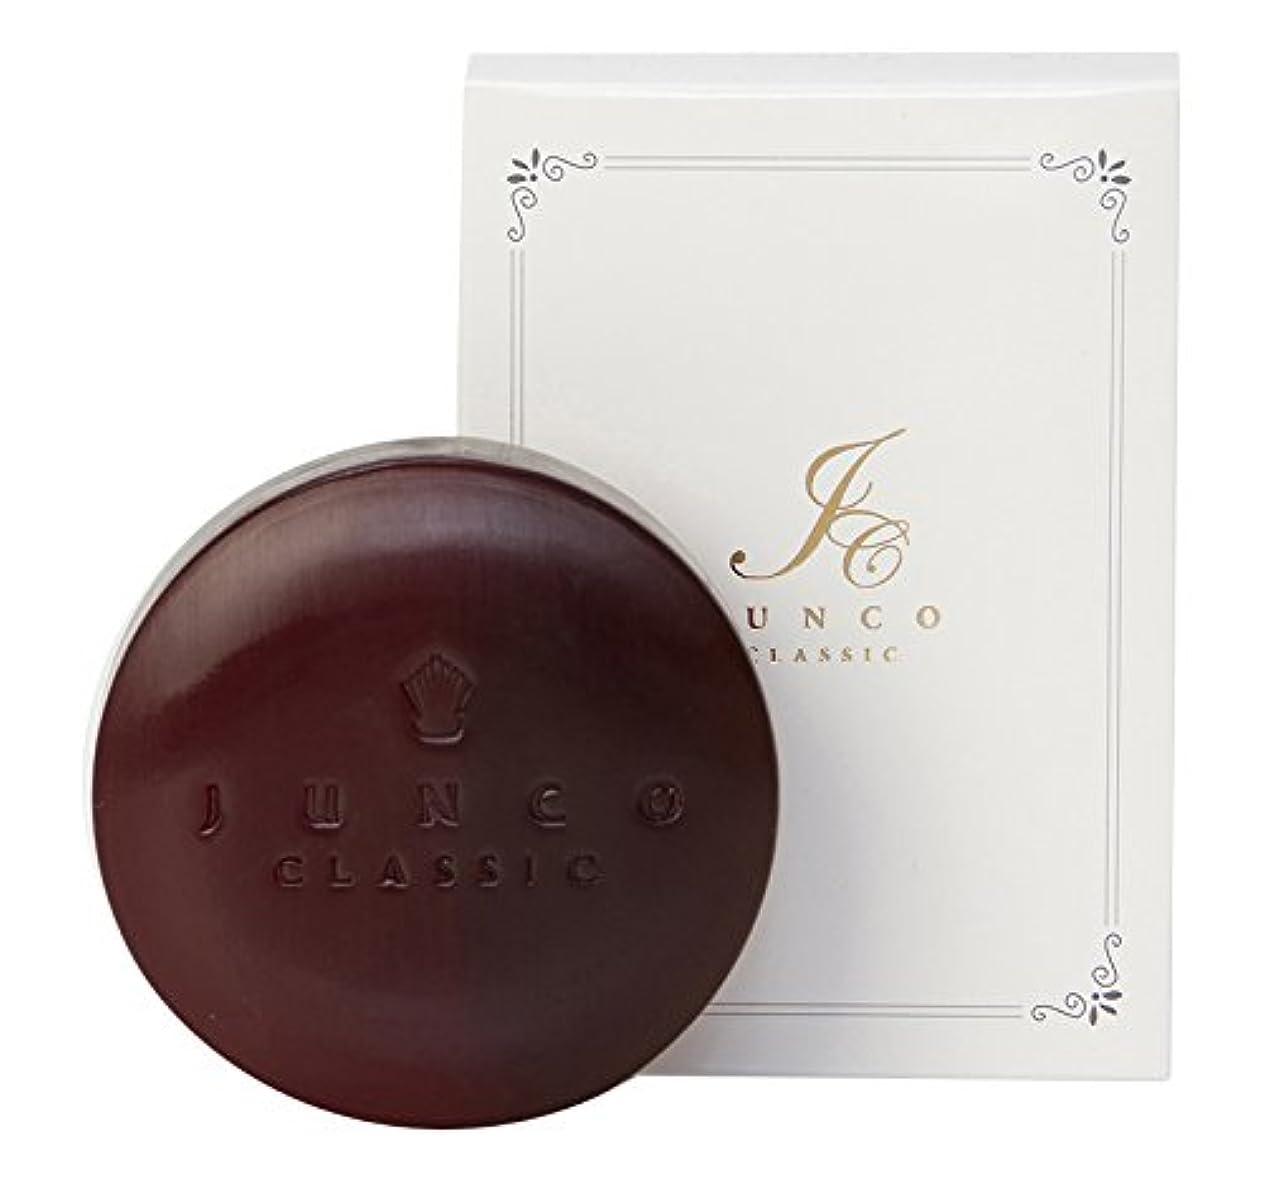 テナント落ち込んでいる復活するEI JUNCO CLASSIC SOAP 100g